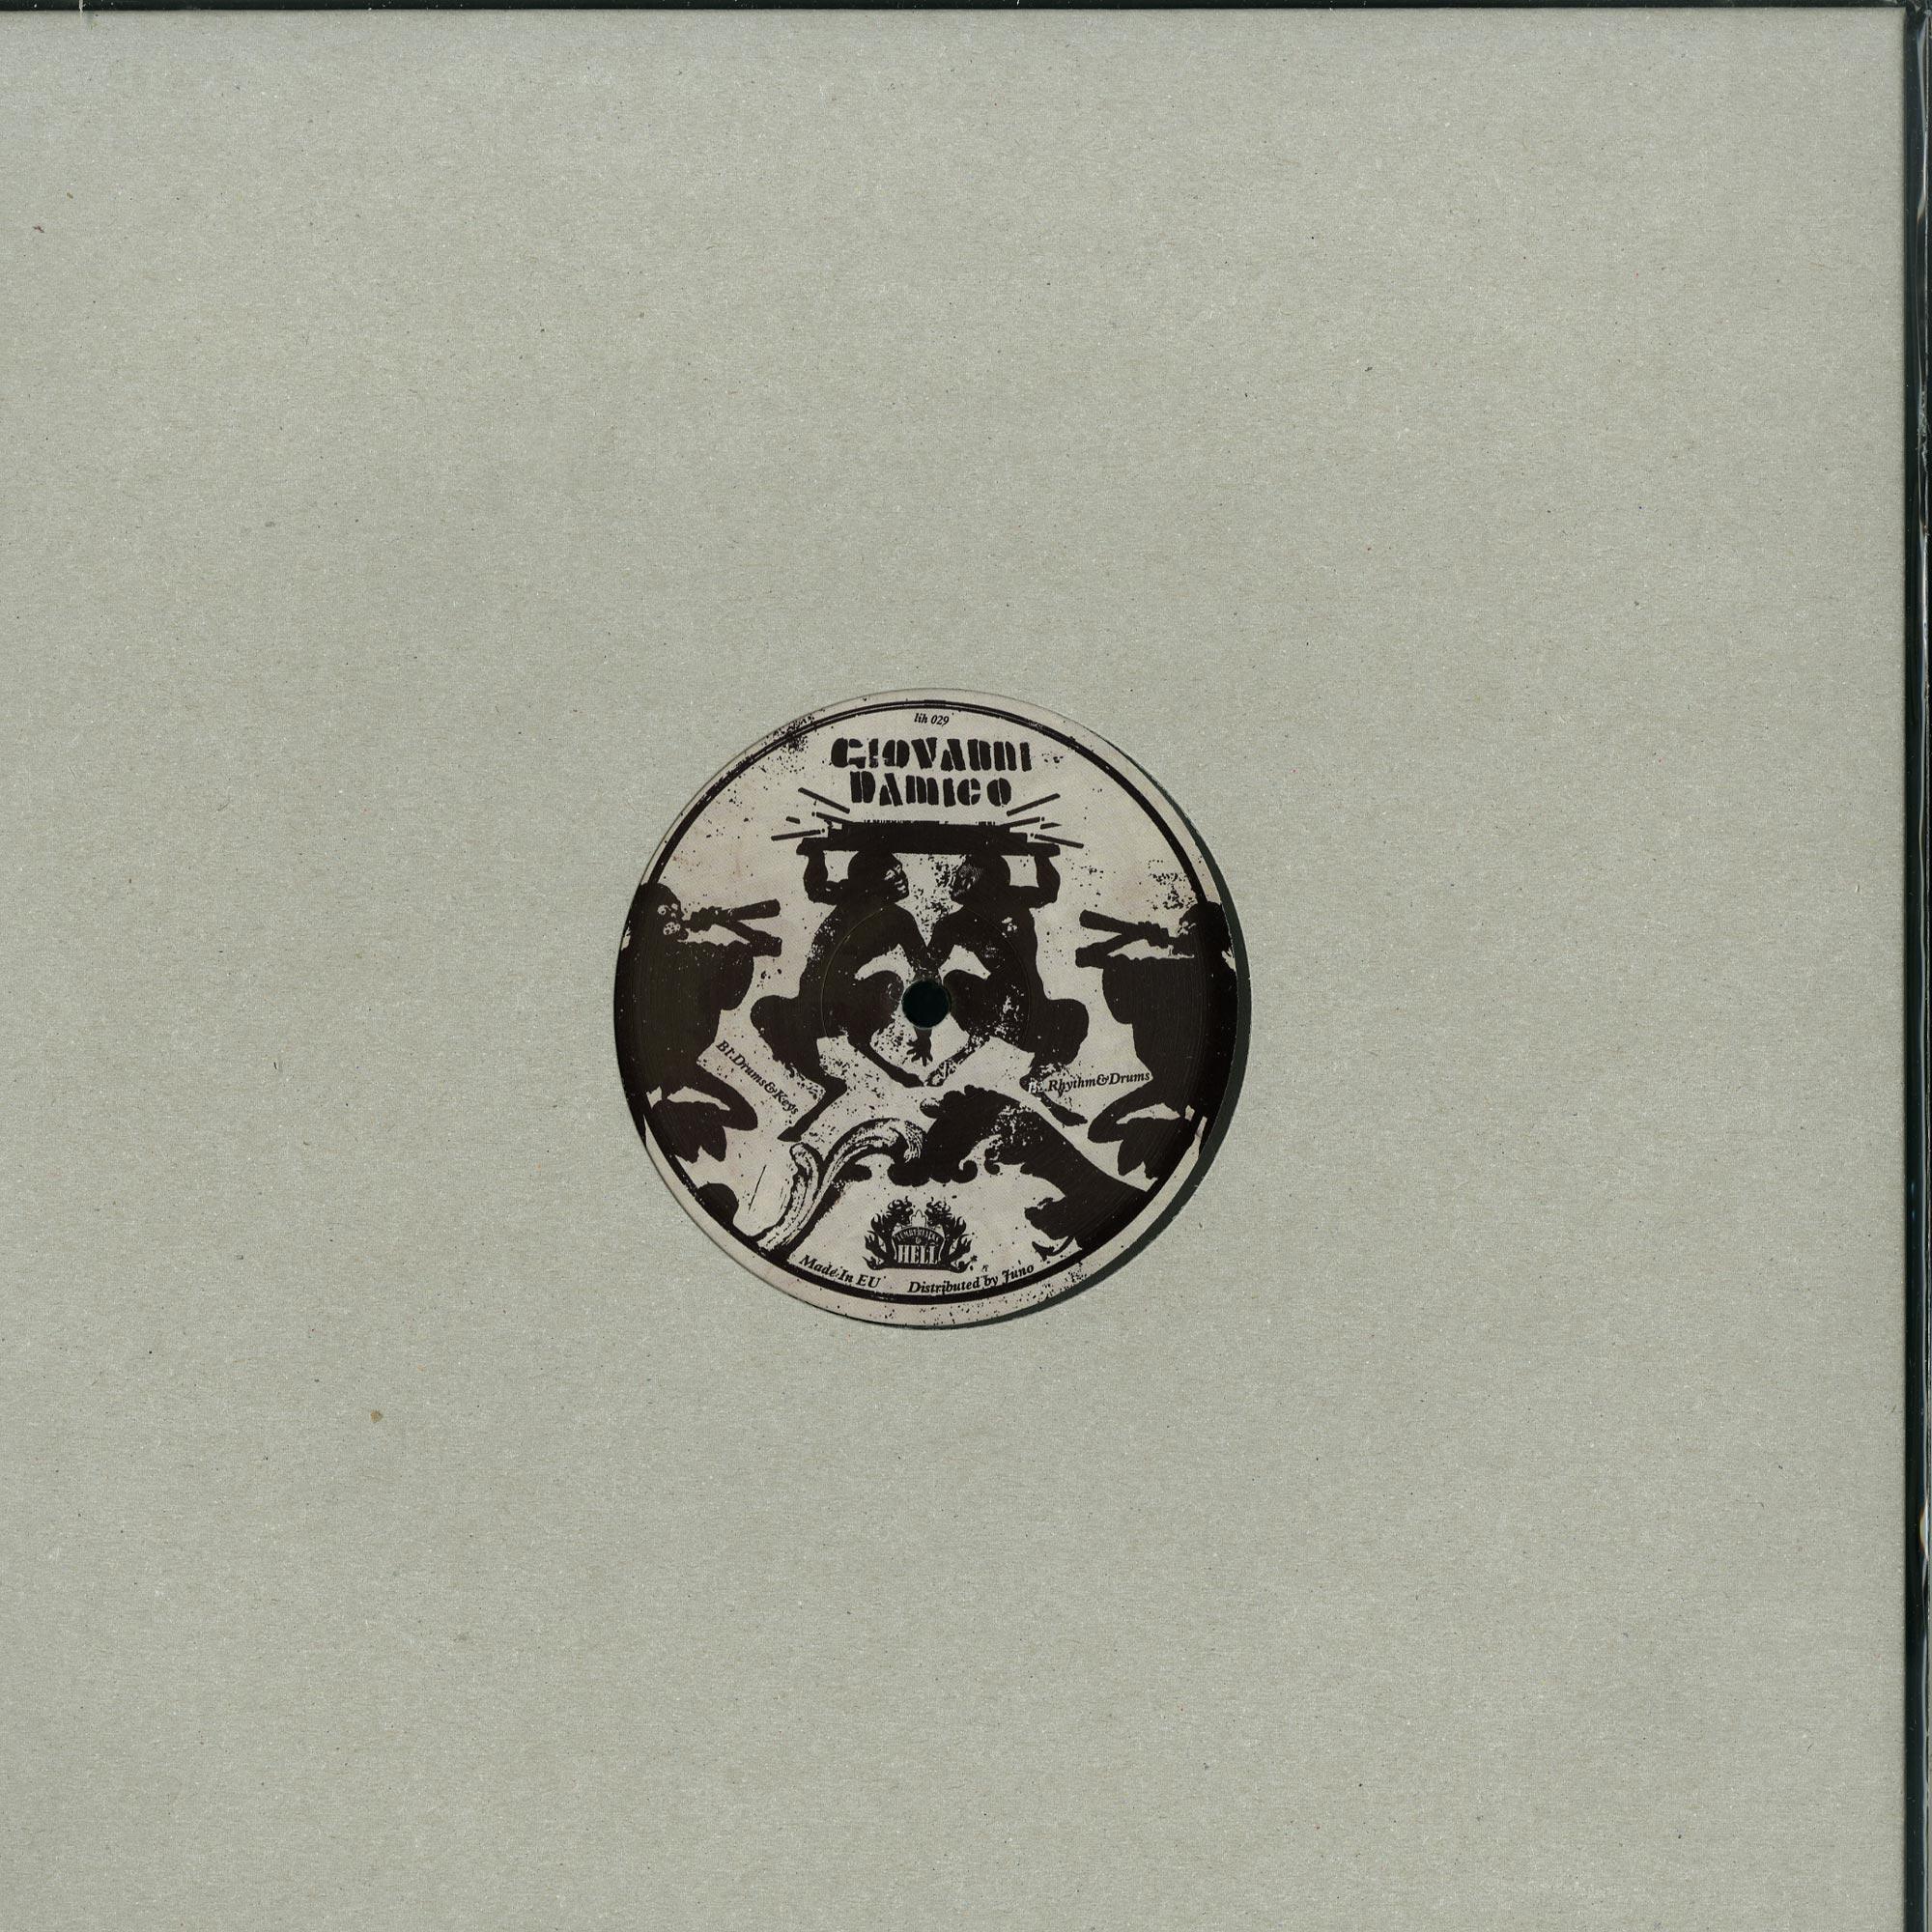 Giovanni Damico - THE ESSENTIAL EP